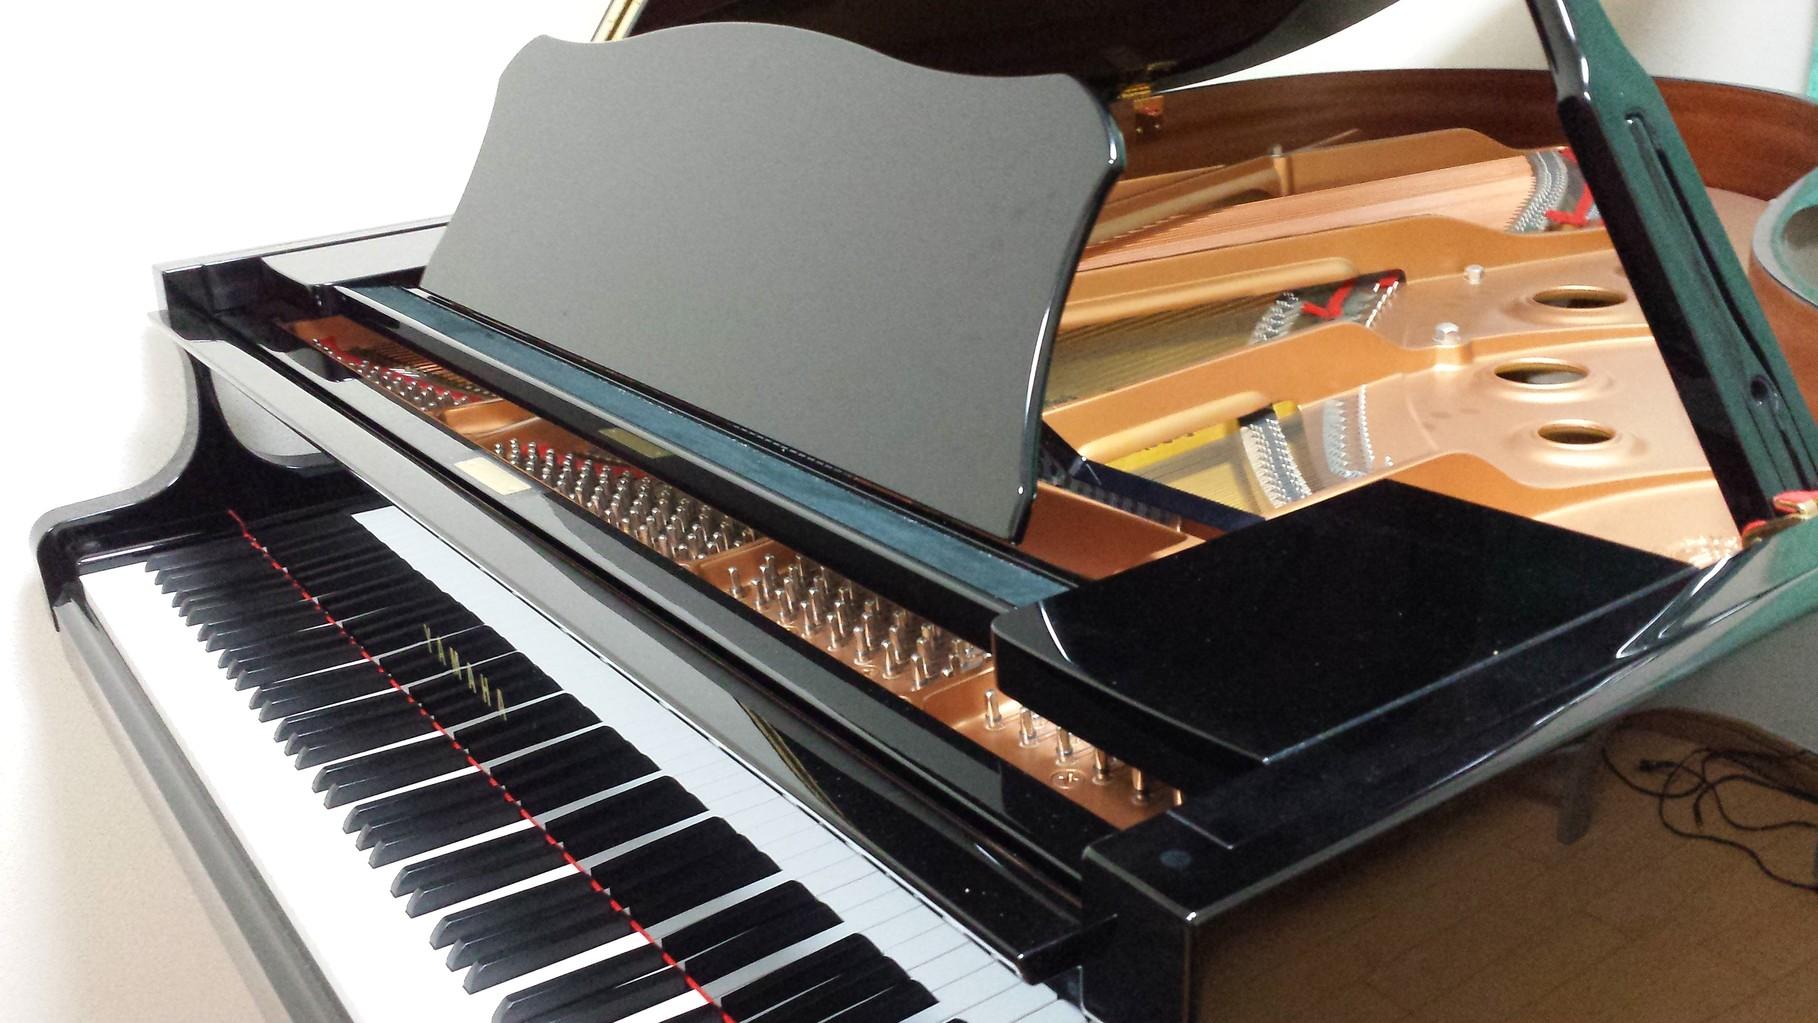 ヤマハグランドピアノです。